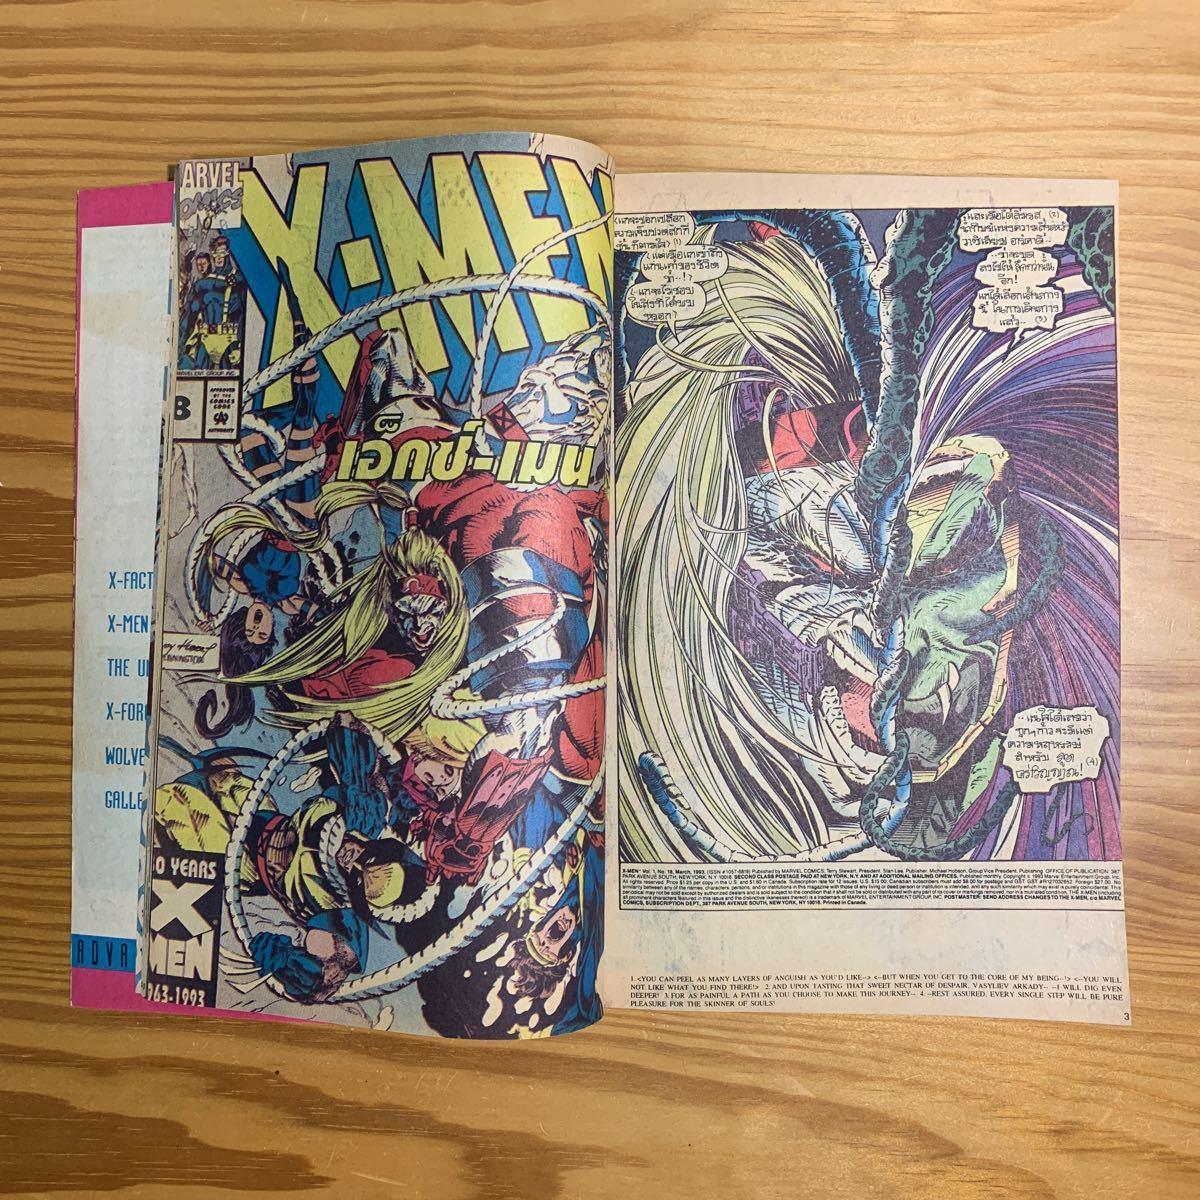 タイ版! レア! X-Men Xメン Wolverine ウルヴァリン X-Factor Marvel Comic マーベル コミック DC アメコミ タイ語 古本 Vintage 90's 希少_画像5